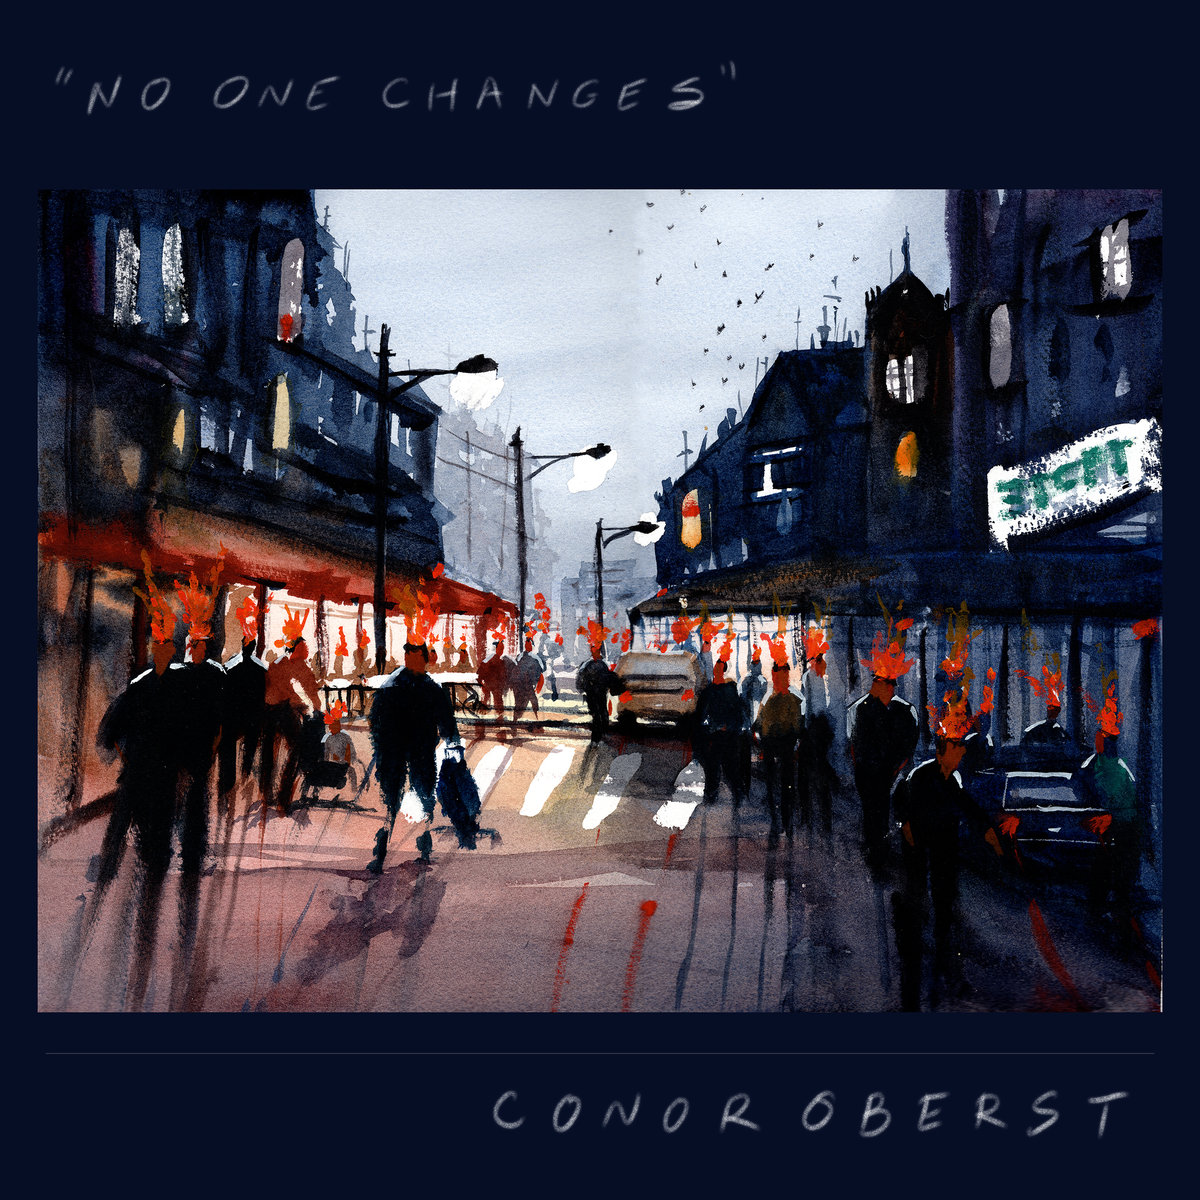 image d'album de musique du groupe conoroberst